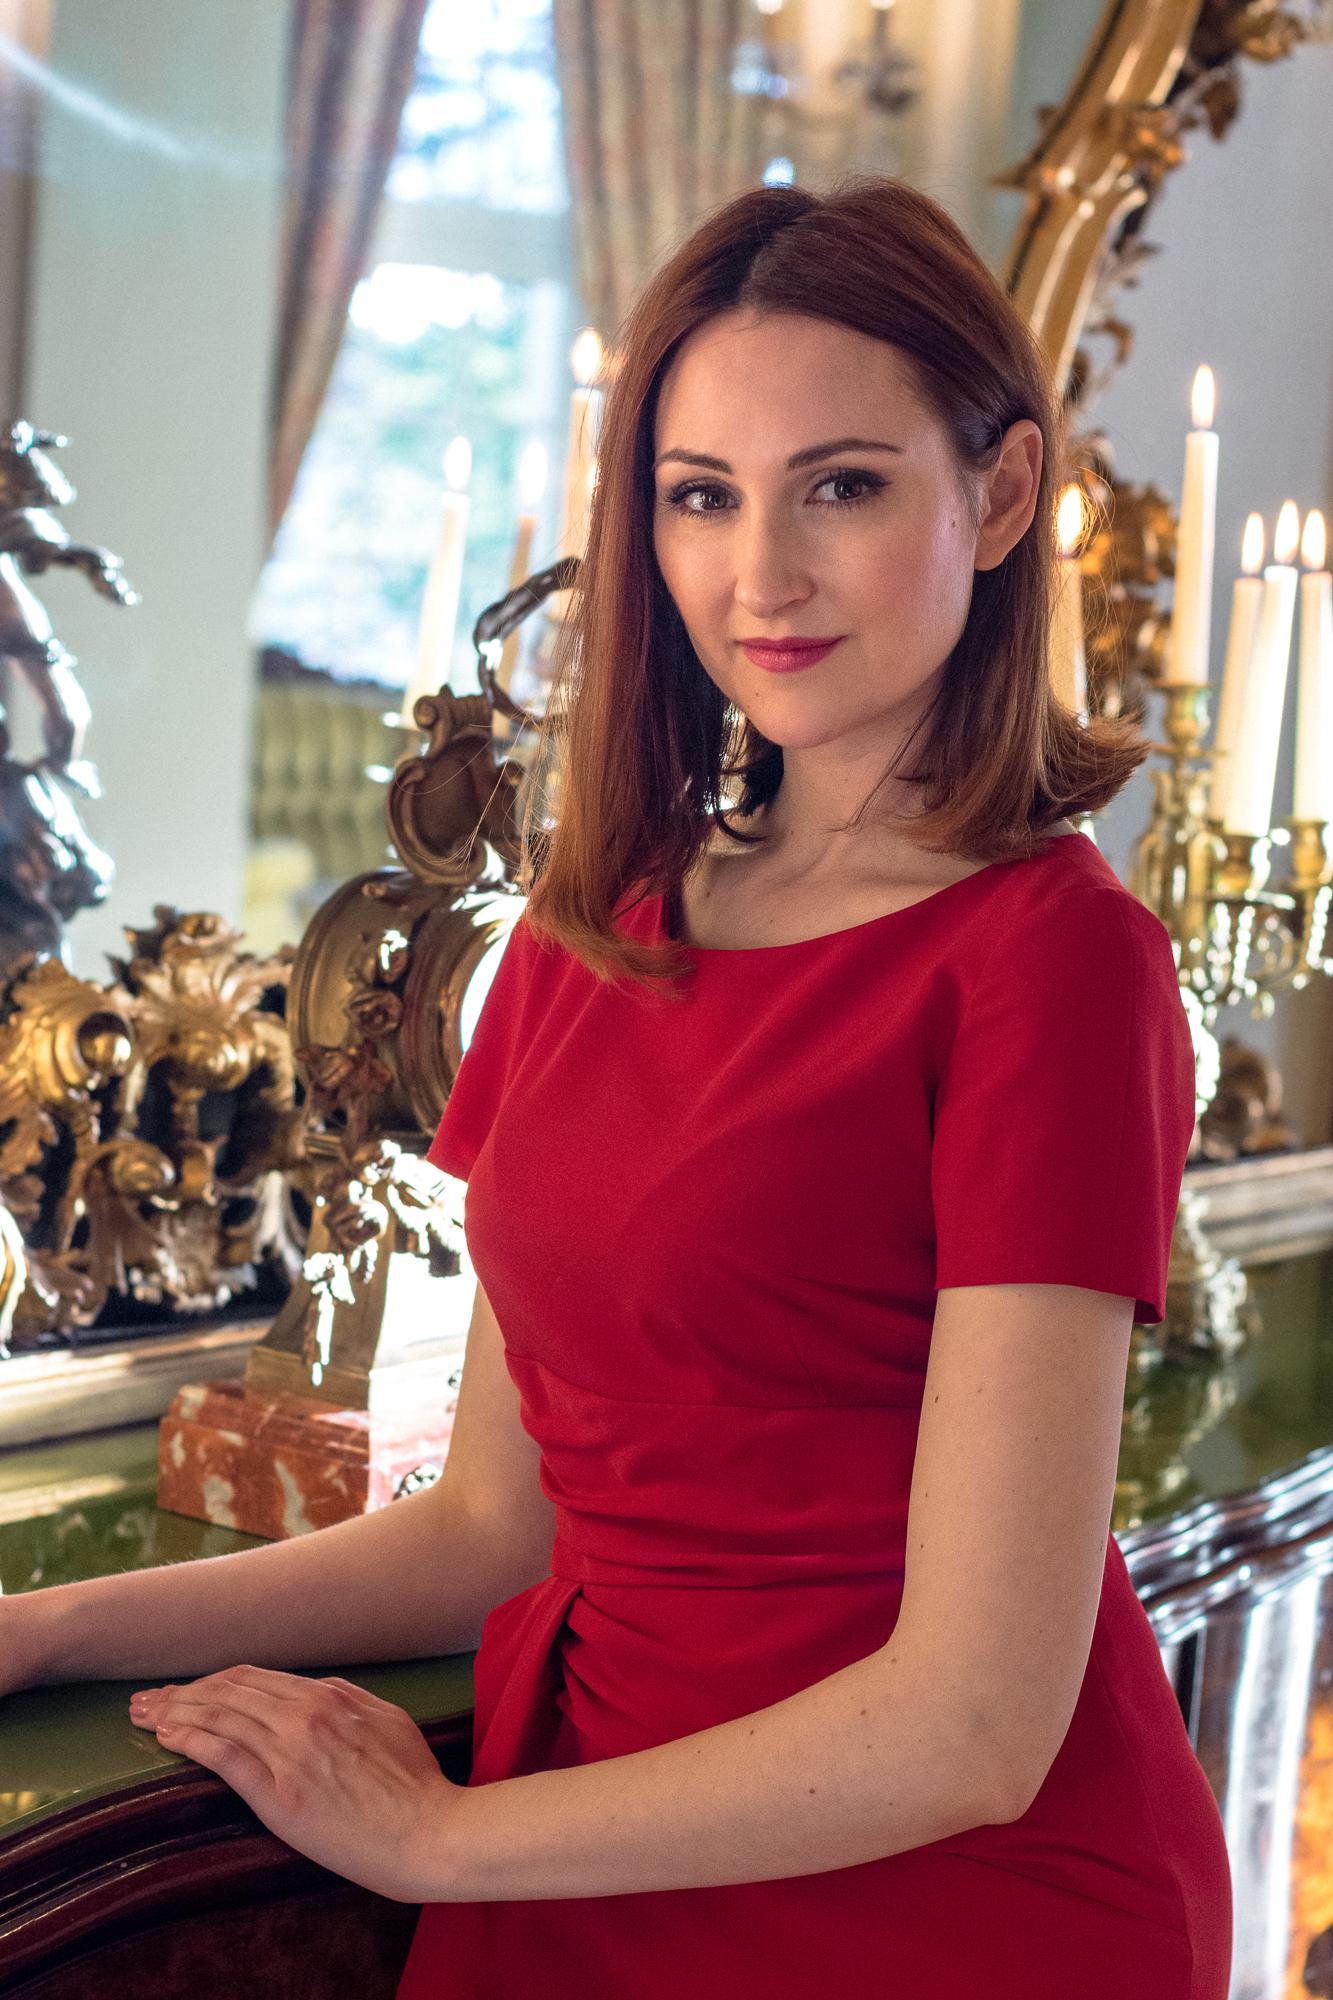 osobista stylistka, połączenie czerwieni z różem, czerwona sukienka